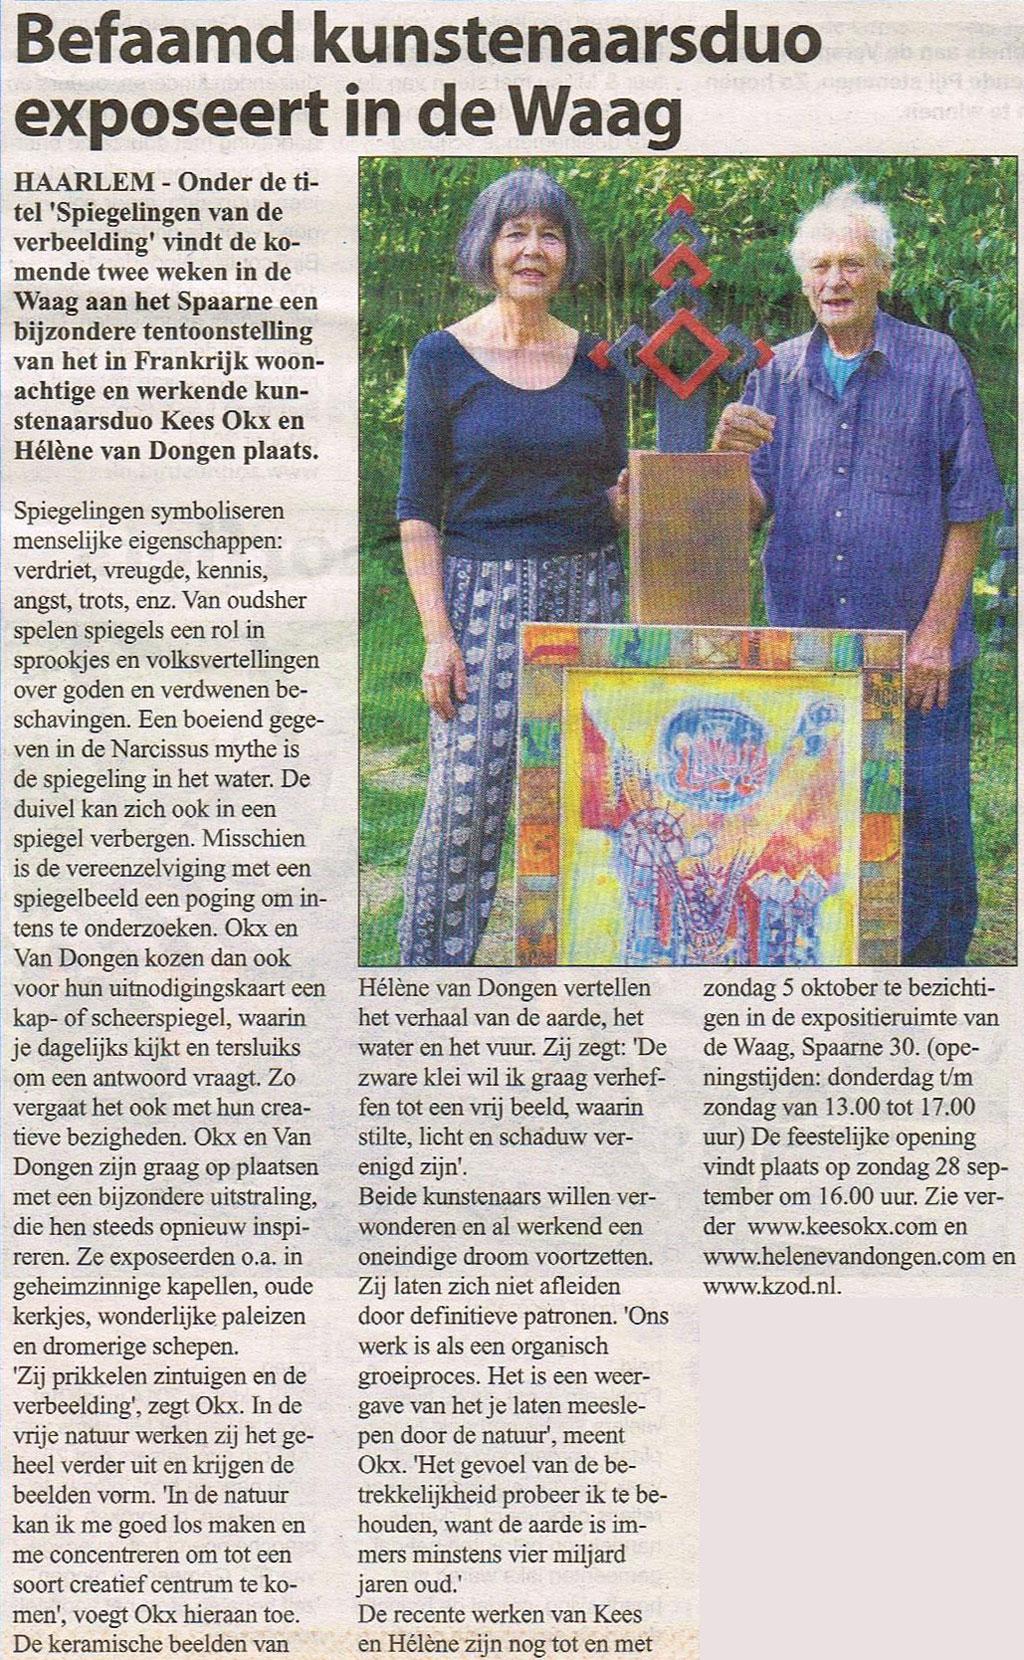 Persbericht | Befaamd kunstenaarsduo exposeert in De Waag